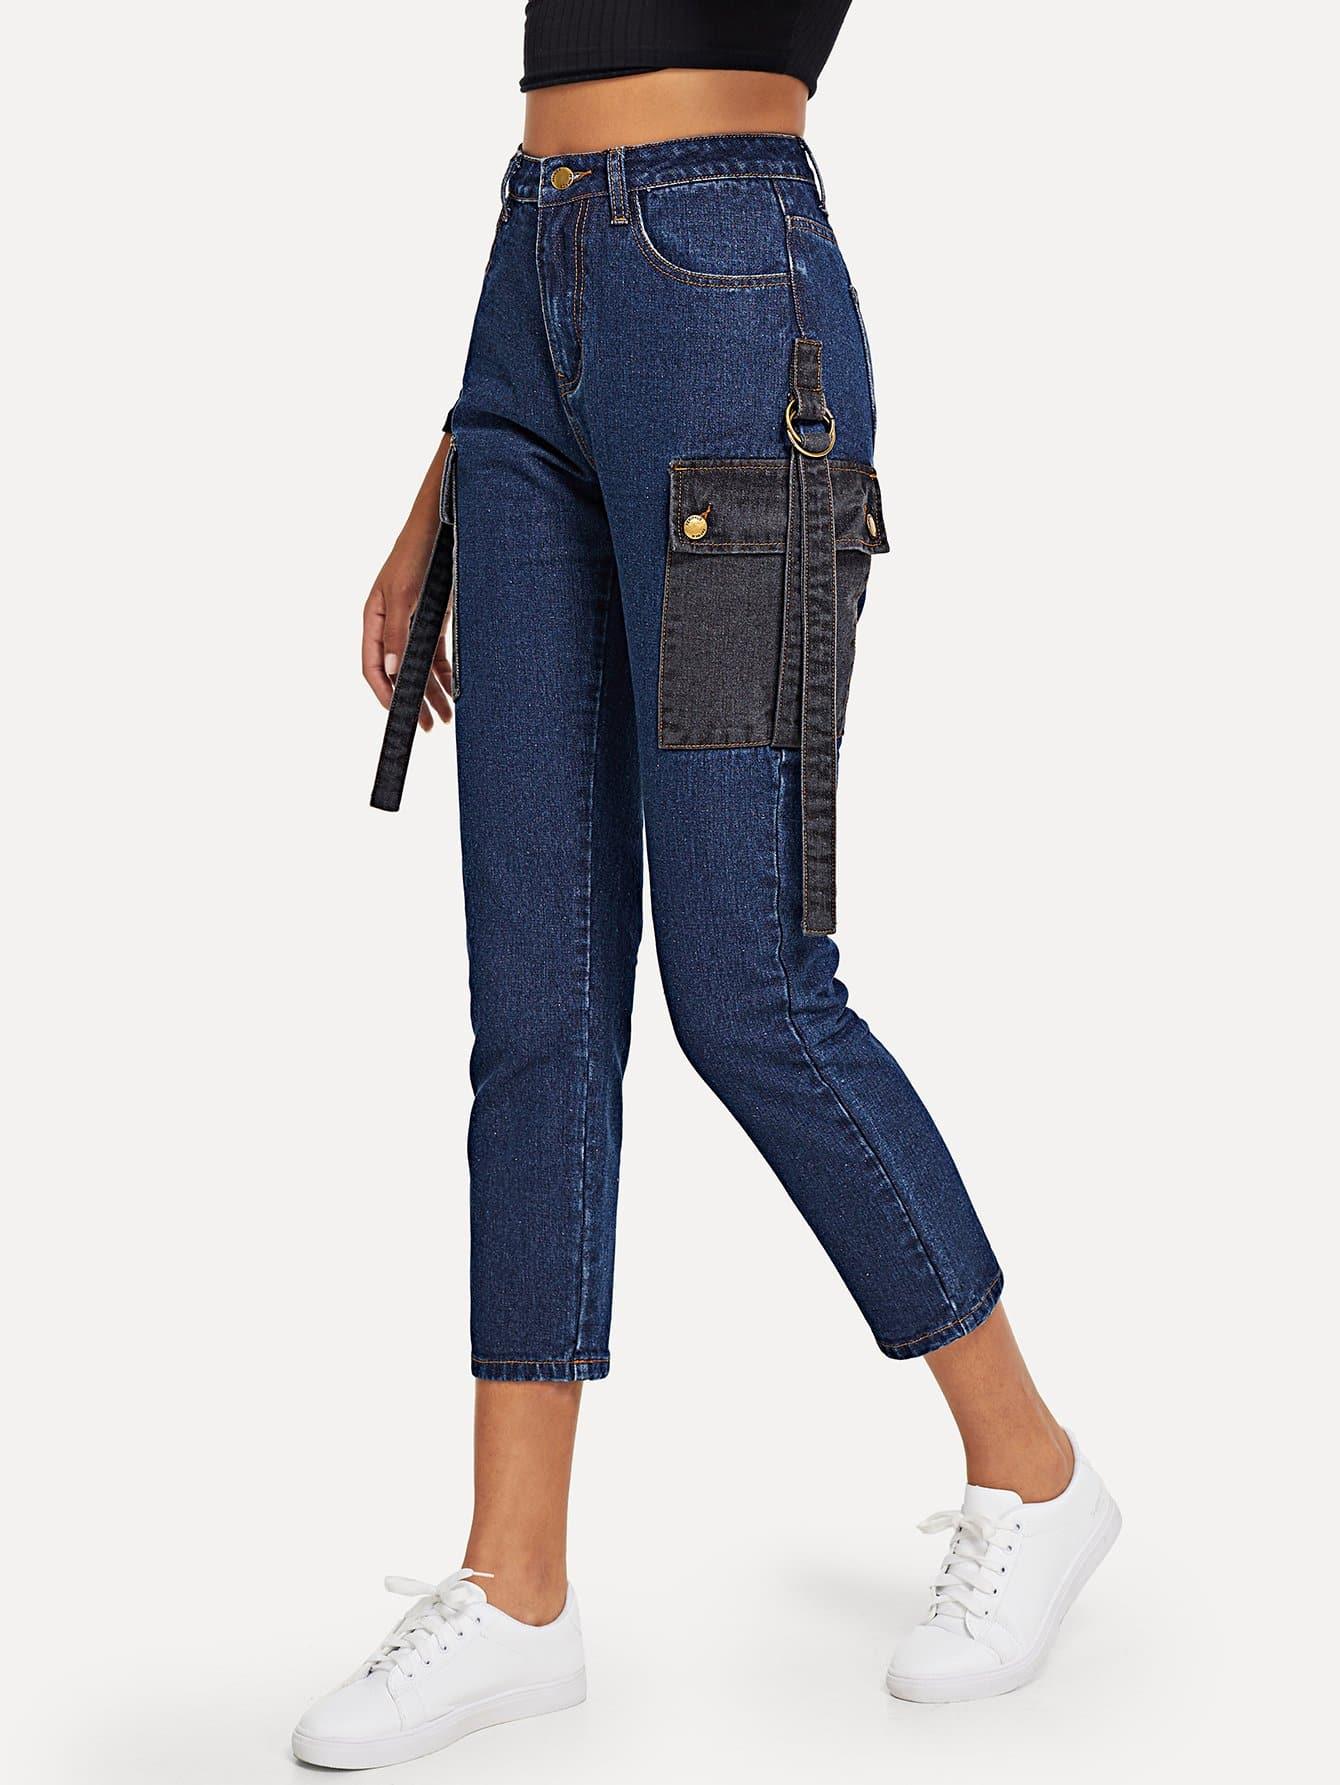 Купить Облегающие брюки с карманом, Elaine, SheIn